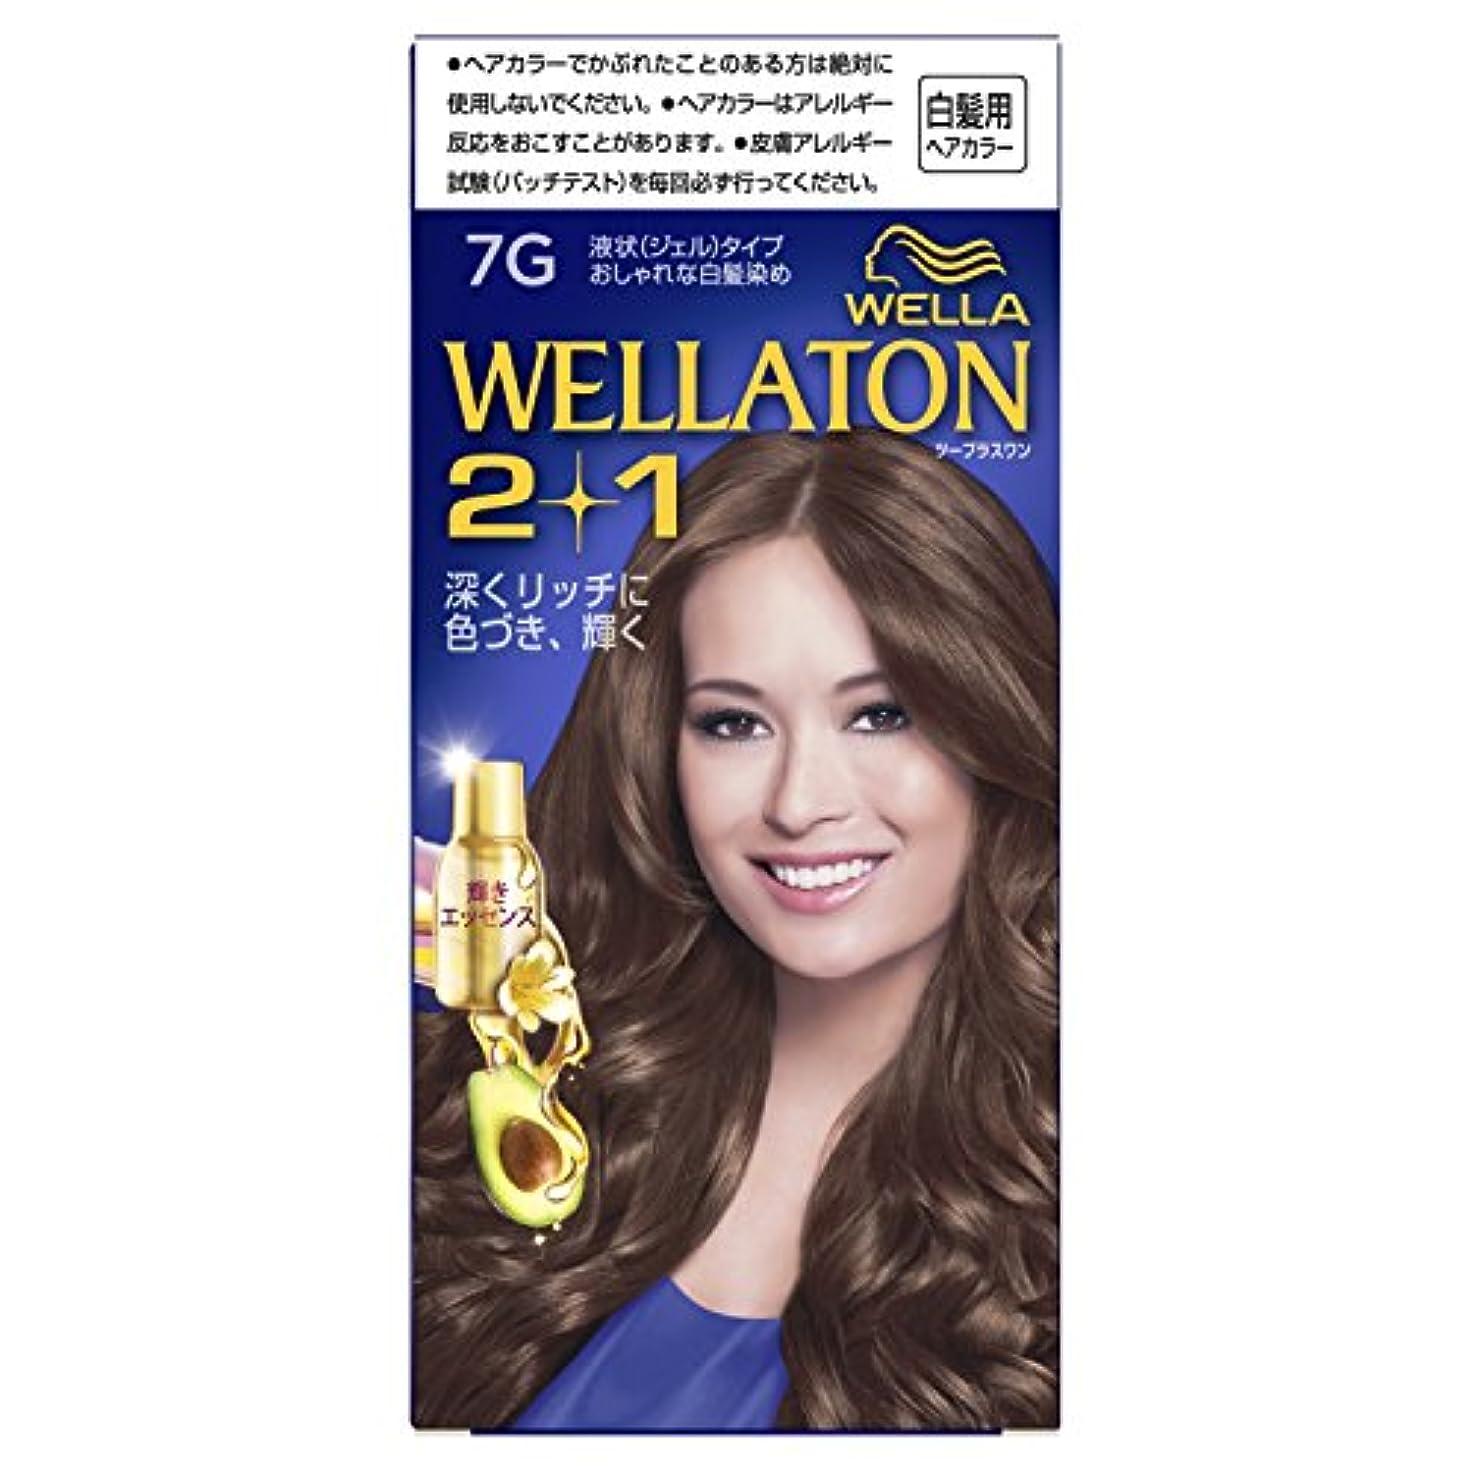 魔女小麦アンソロジーウエラトーン2+1 液状タイプ 7G [医薬部外品](おしゃれな白髪染め)